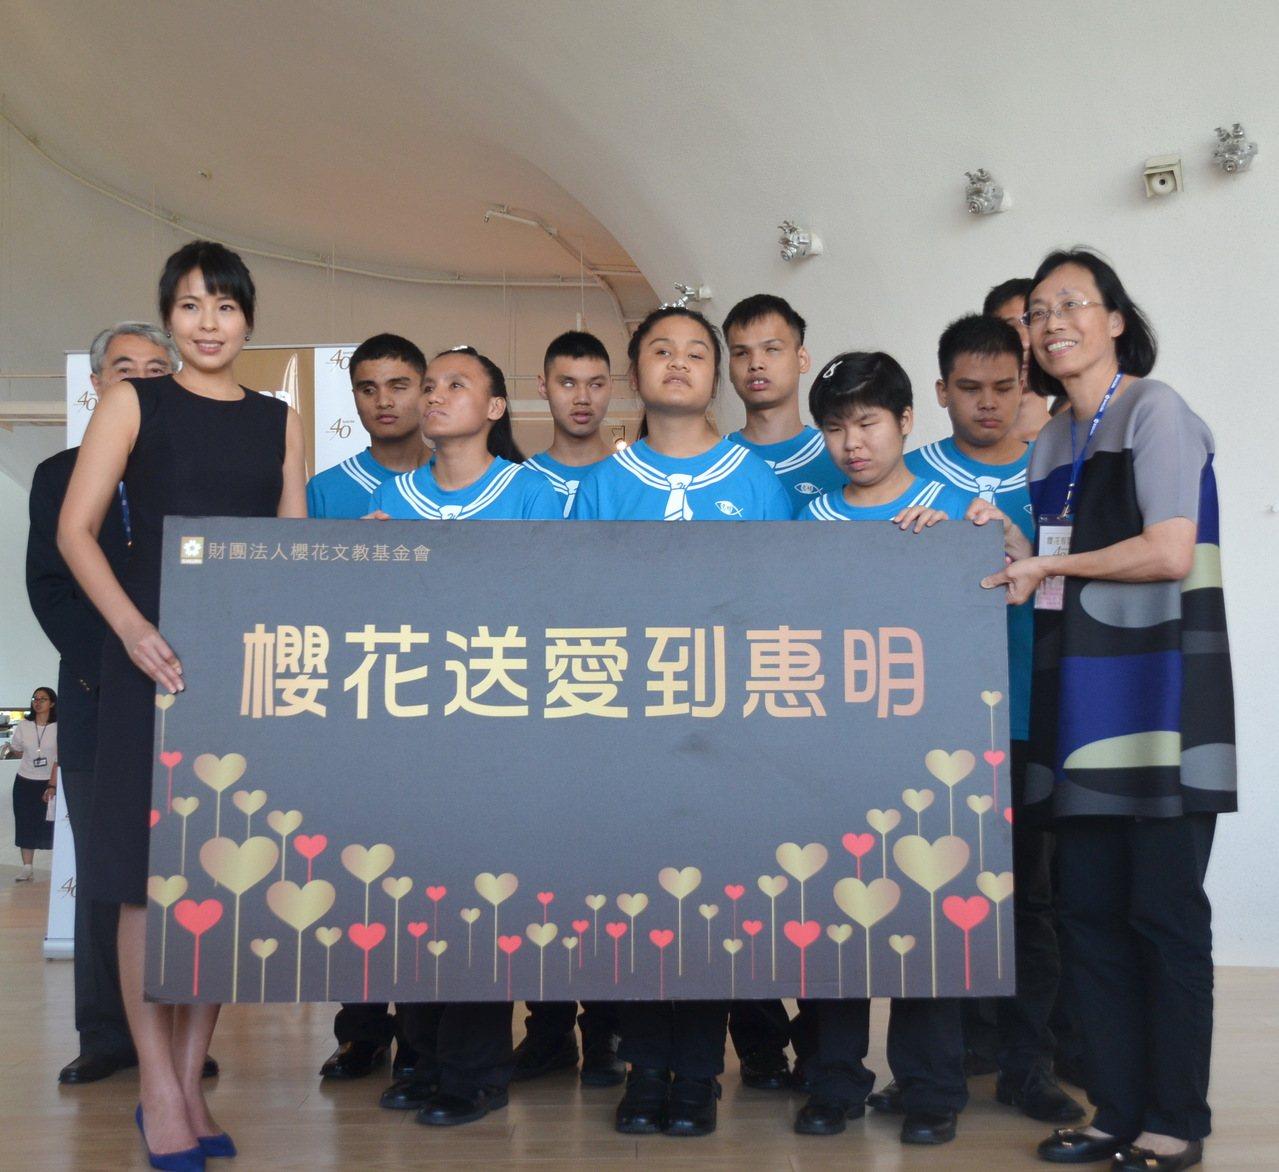 台灣櫻花文教基金會執行長李曼詩(左一)代表櫻花公司將音樂會收入捐贈惠明盲校,校長...